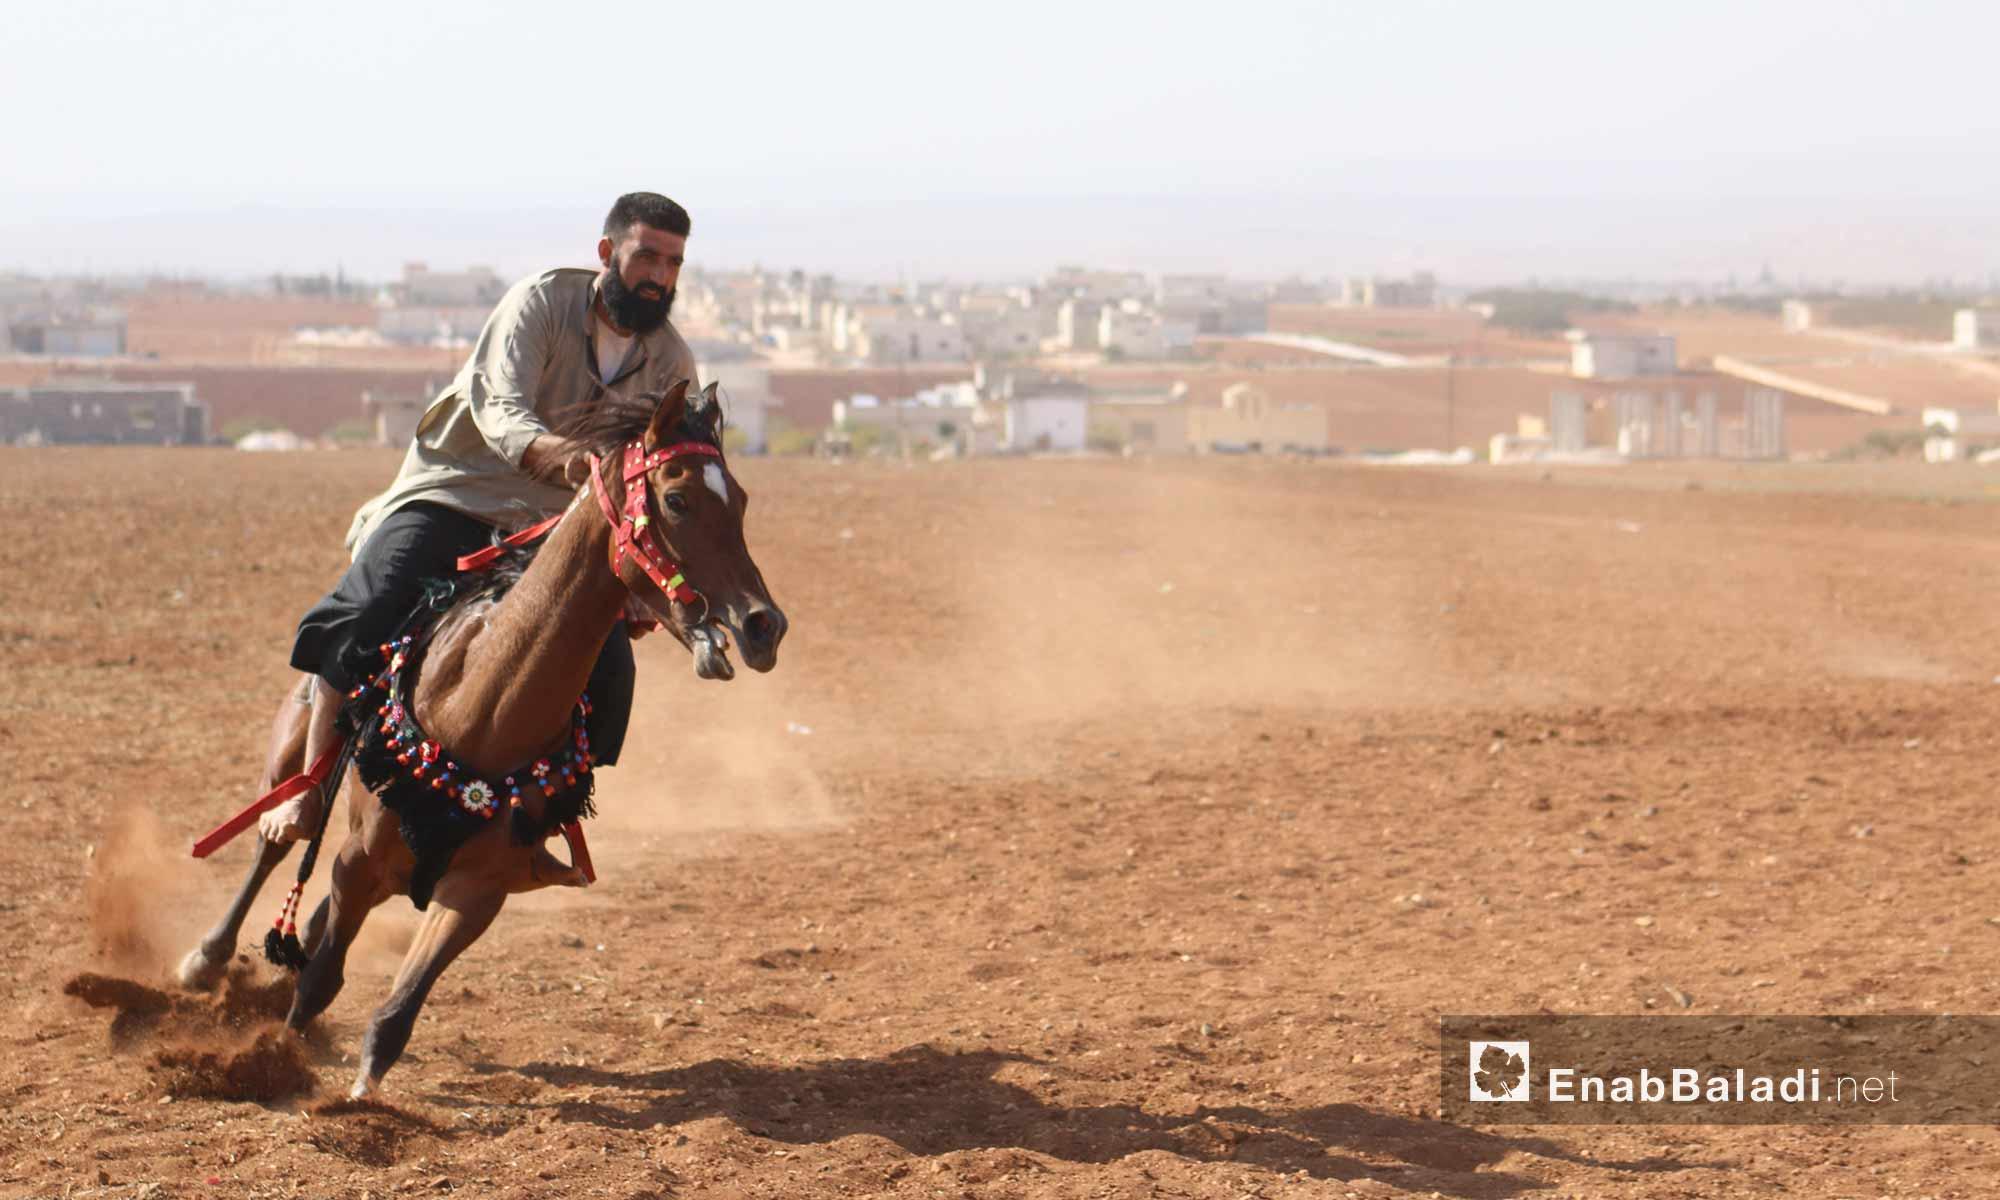 سباق مهرجان البادية للخيول العربية الأصلية في ريف حلب - 13 أيار 2017 (عنب بلدي)